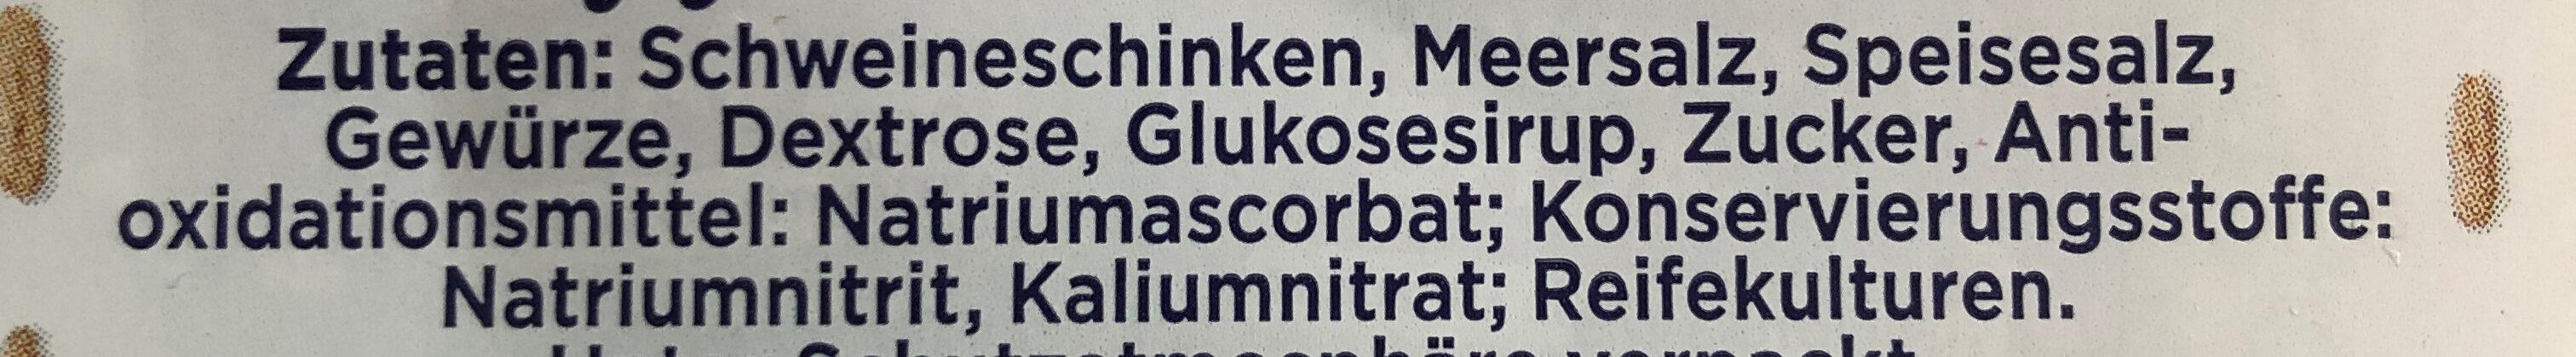 Gourmet-Schinken - Ingredients